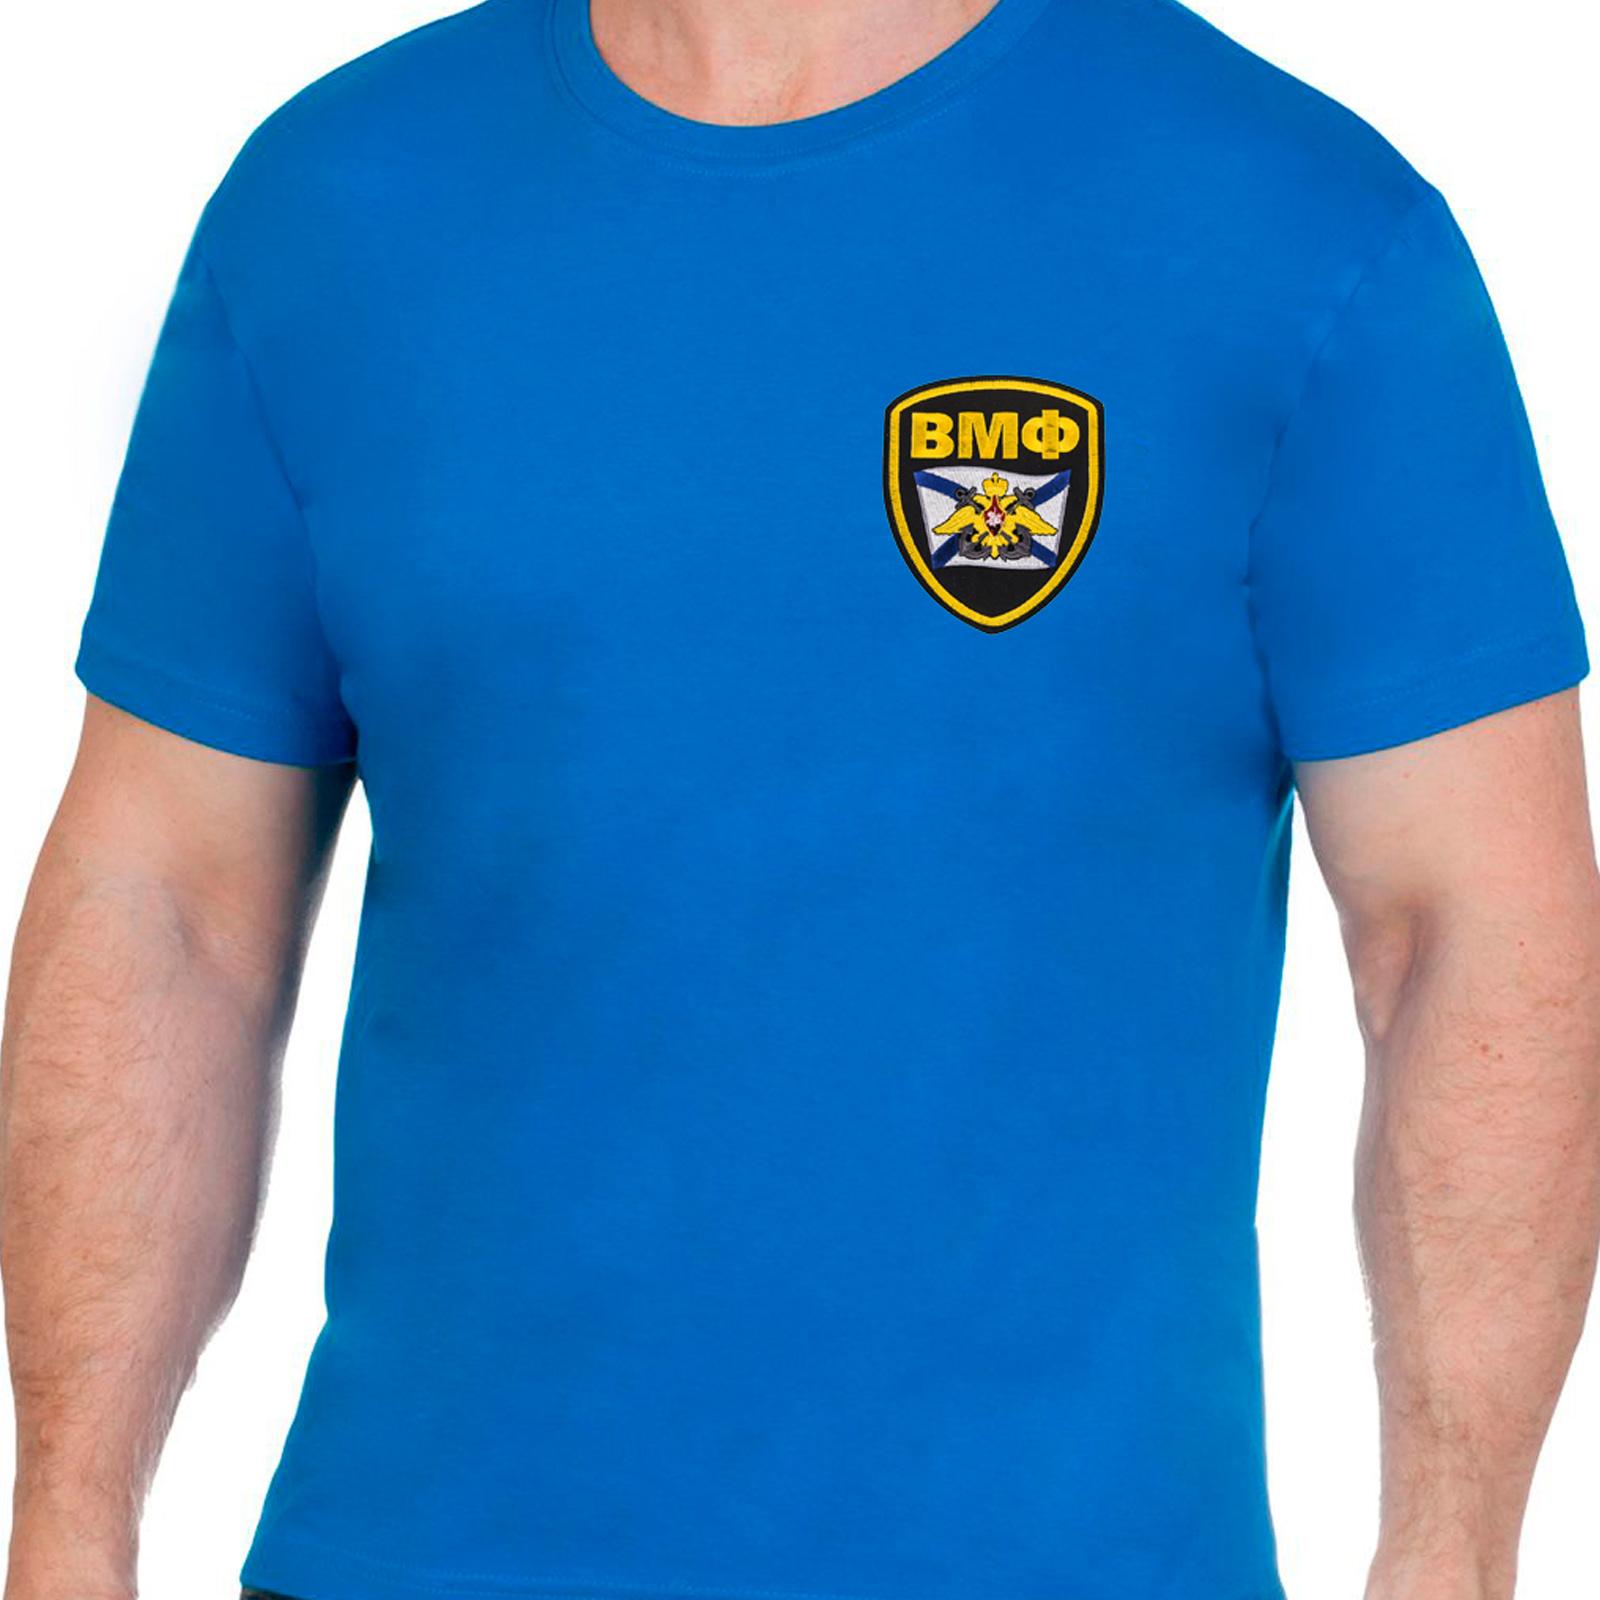 Хлопковая оригинальная футболка ВМФ